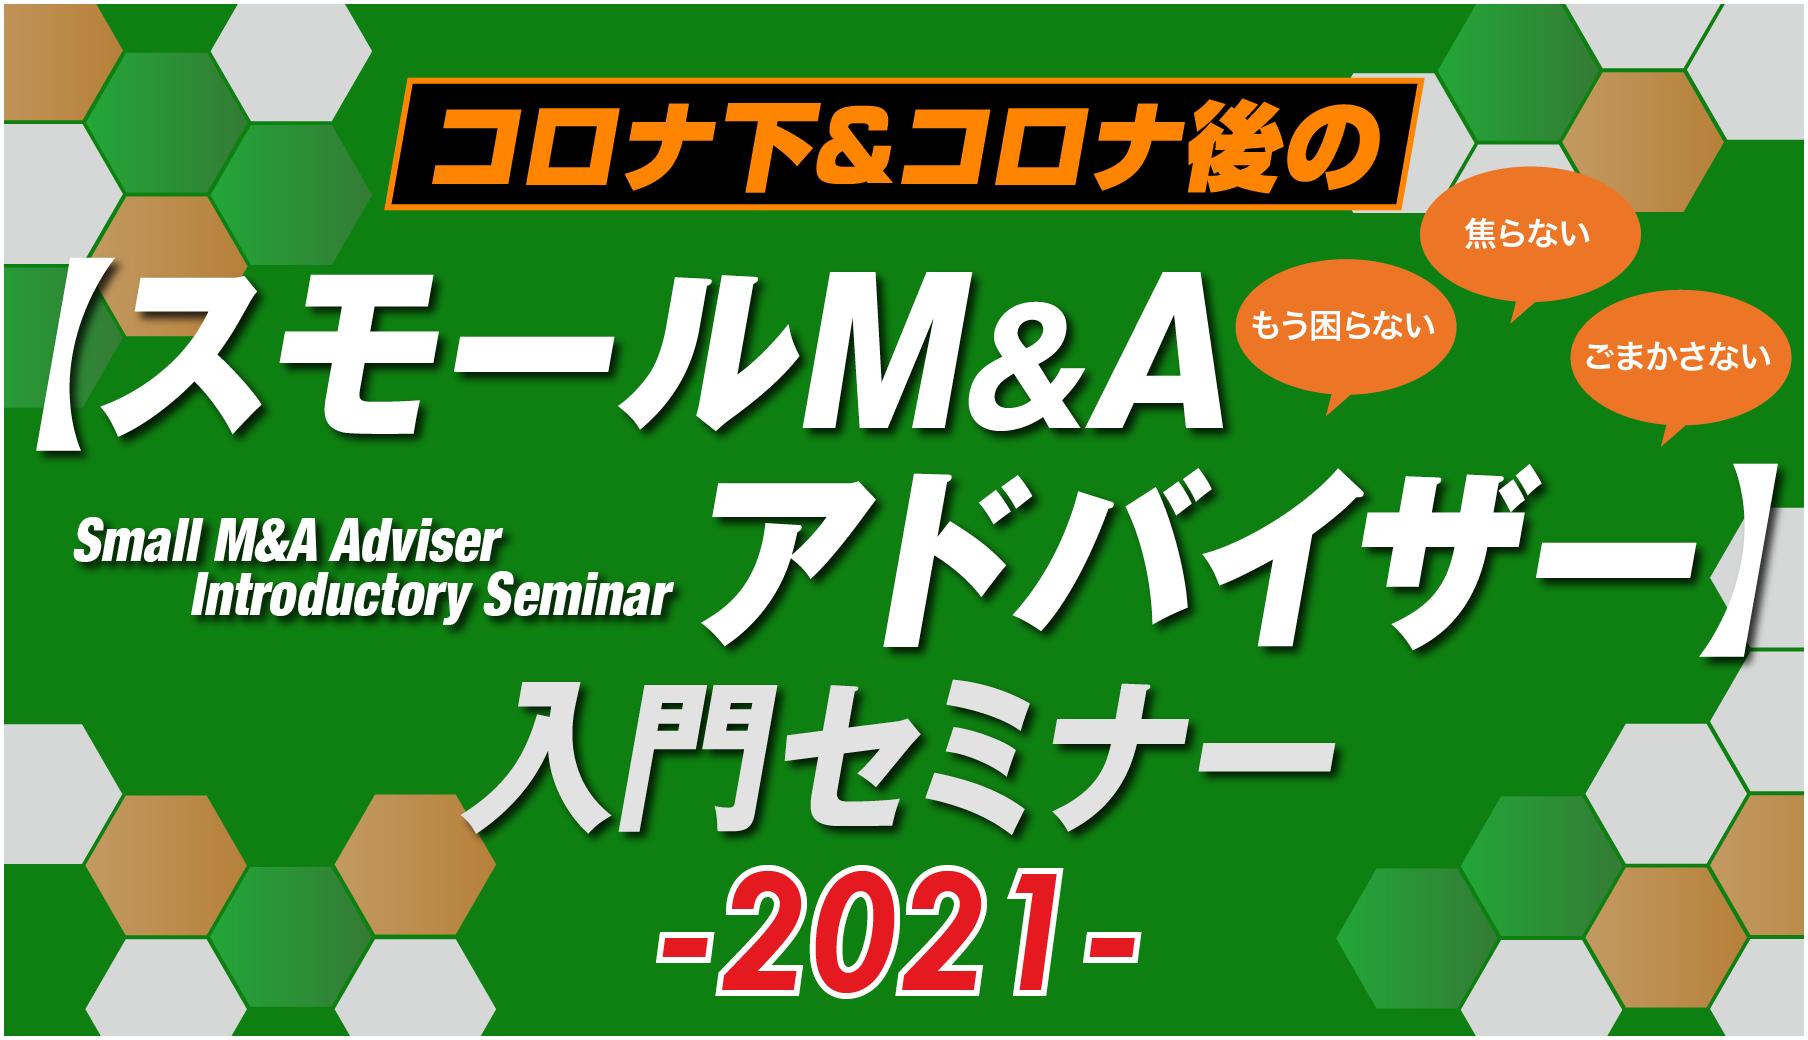 コロナ下&コロナ後のスモールM&Aアドバイザー入門セミナー2021